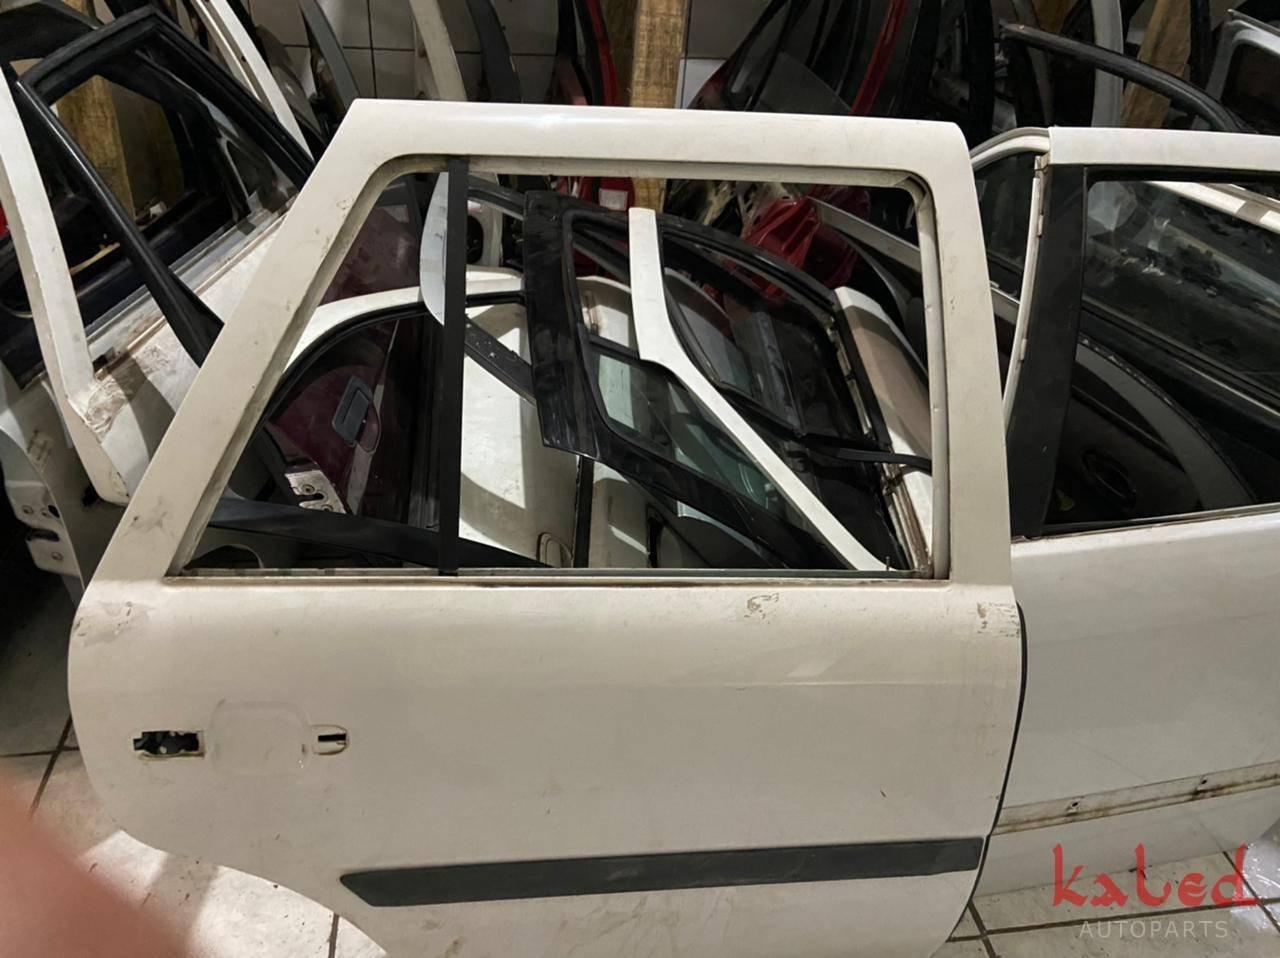 Porta traseira direita Vw Gol Parati G2 G3 G4 branca - Kaled Auto Parts